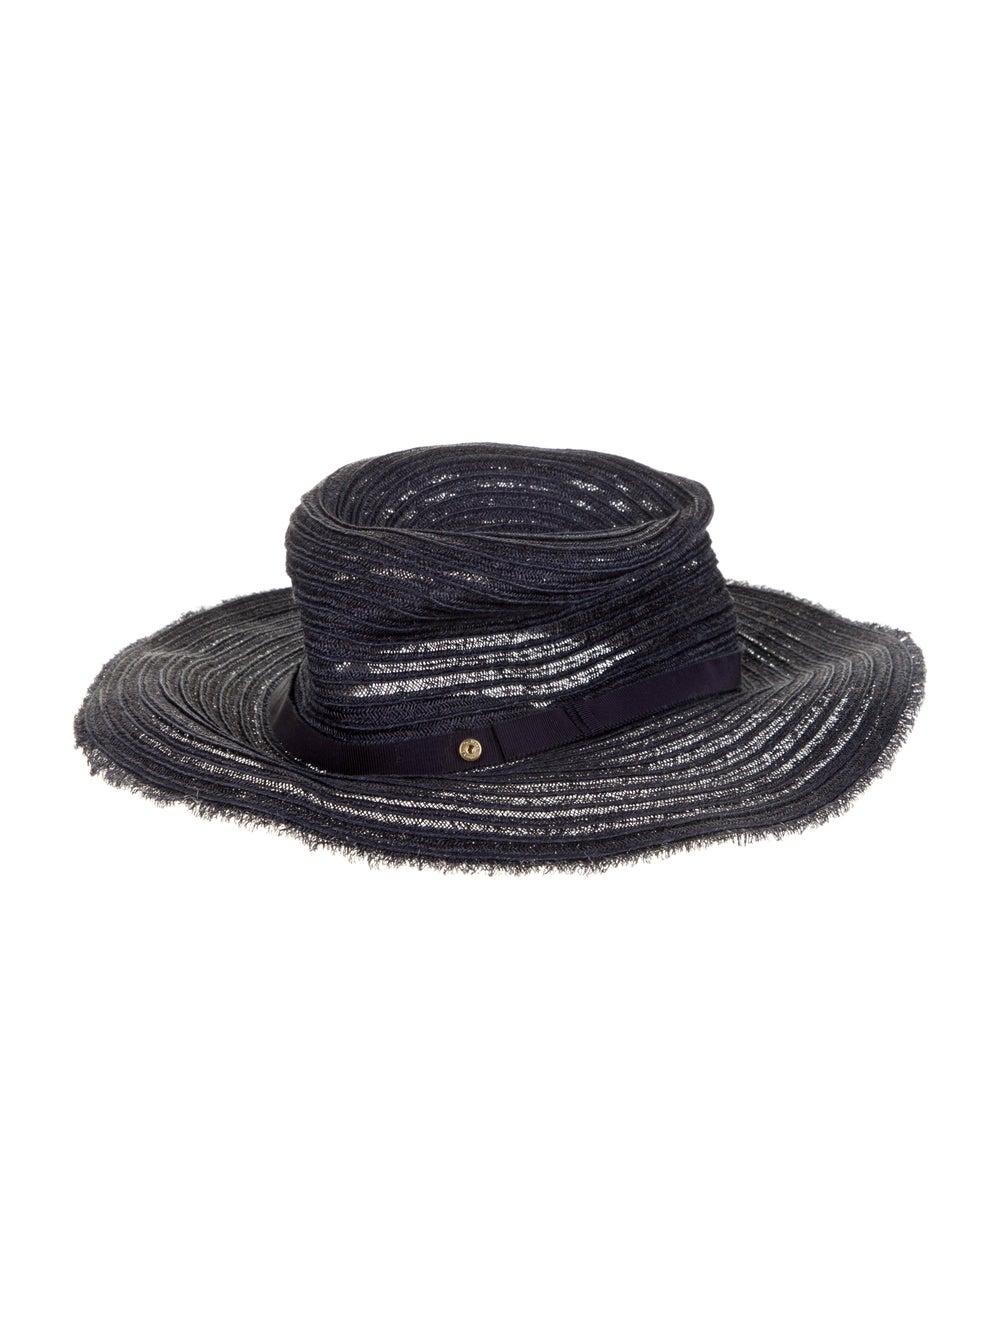 Inverni Woven Wide-Brim Hat - image 2